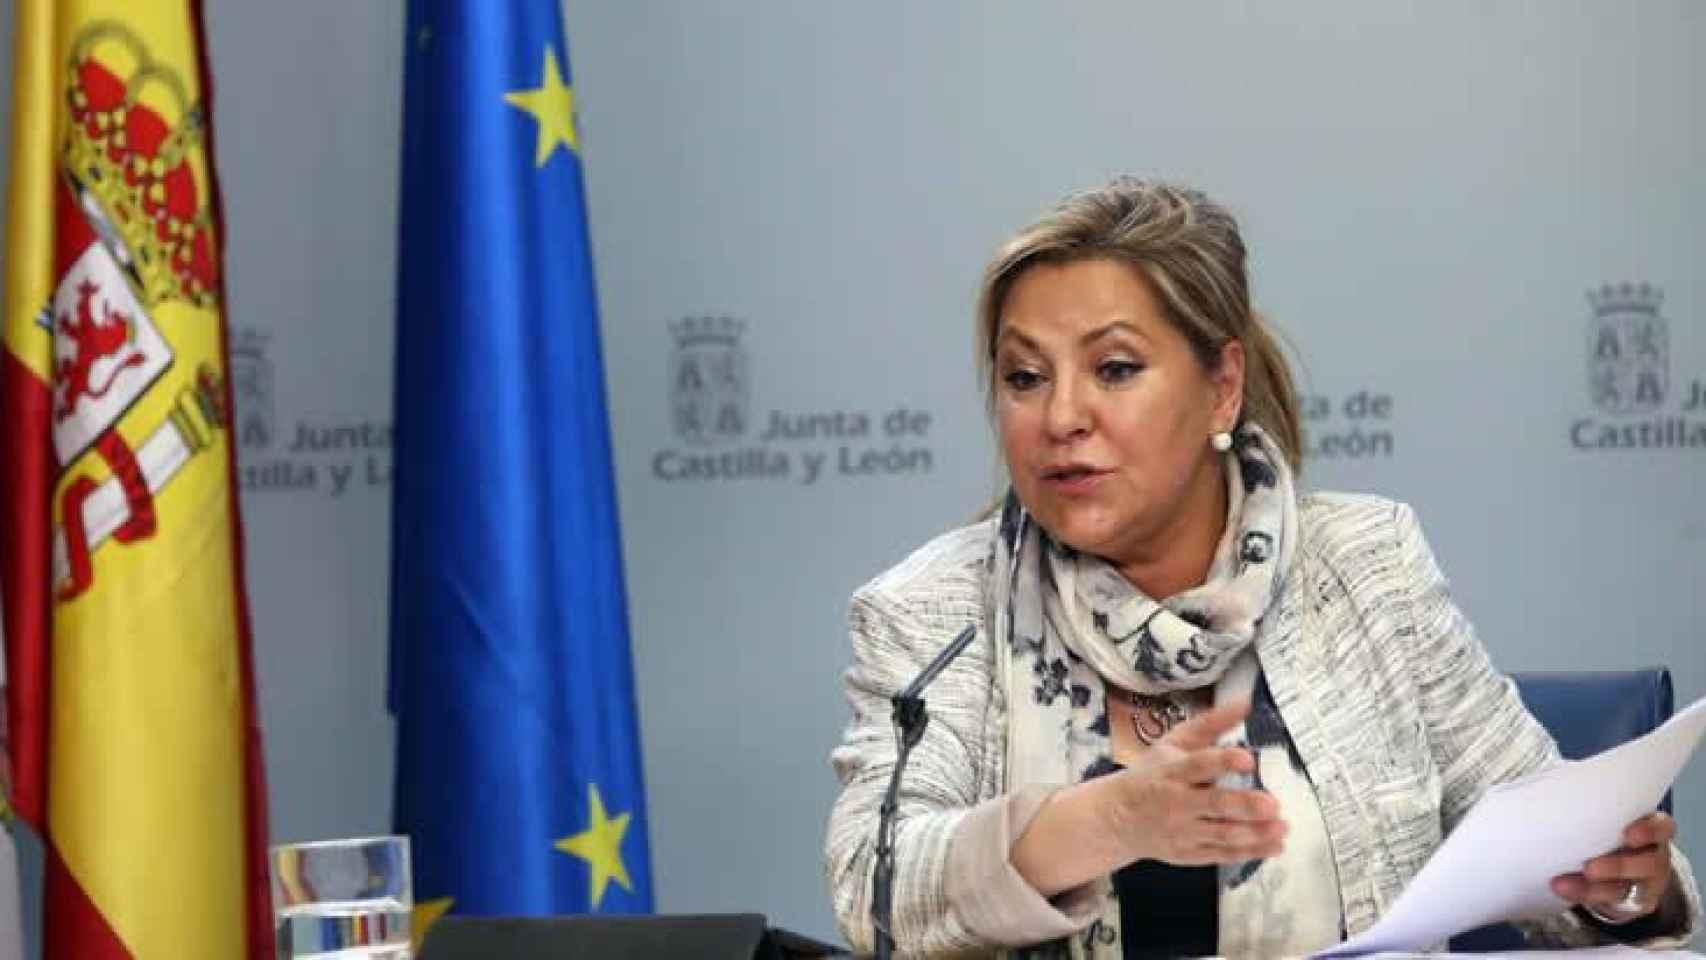 La vicepresidenta de Castilla y León, Rosa Valdeón